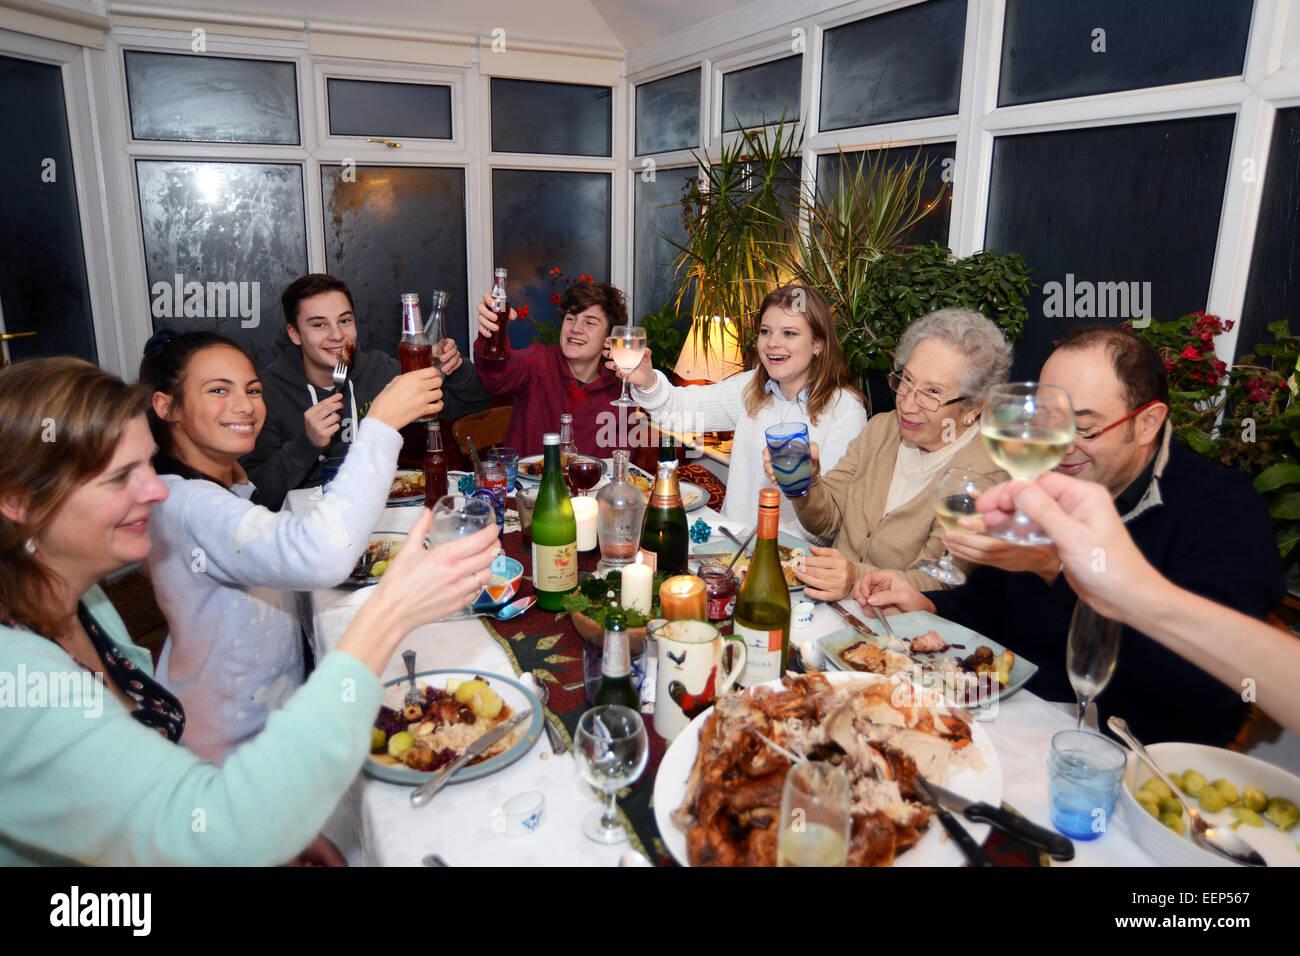 Profitez d'un dîner de Noël en famille avec toutes les générations. Photo Stock